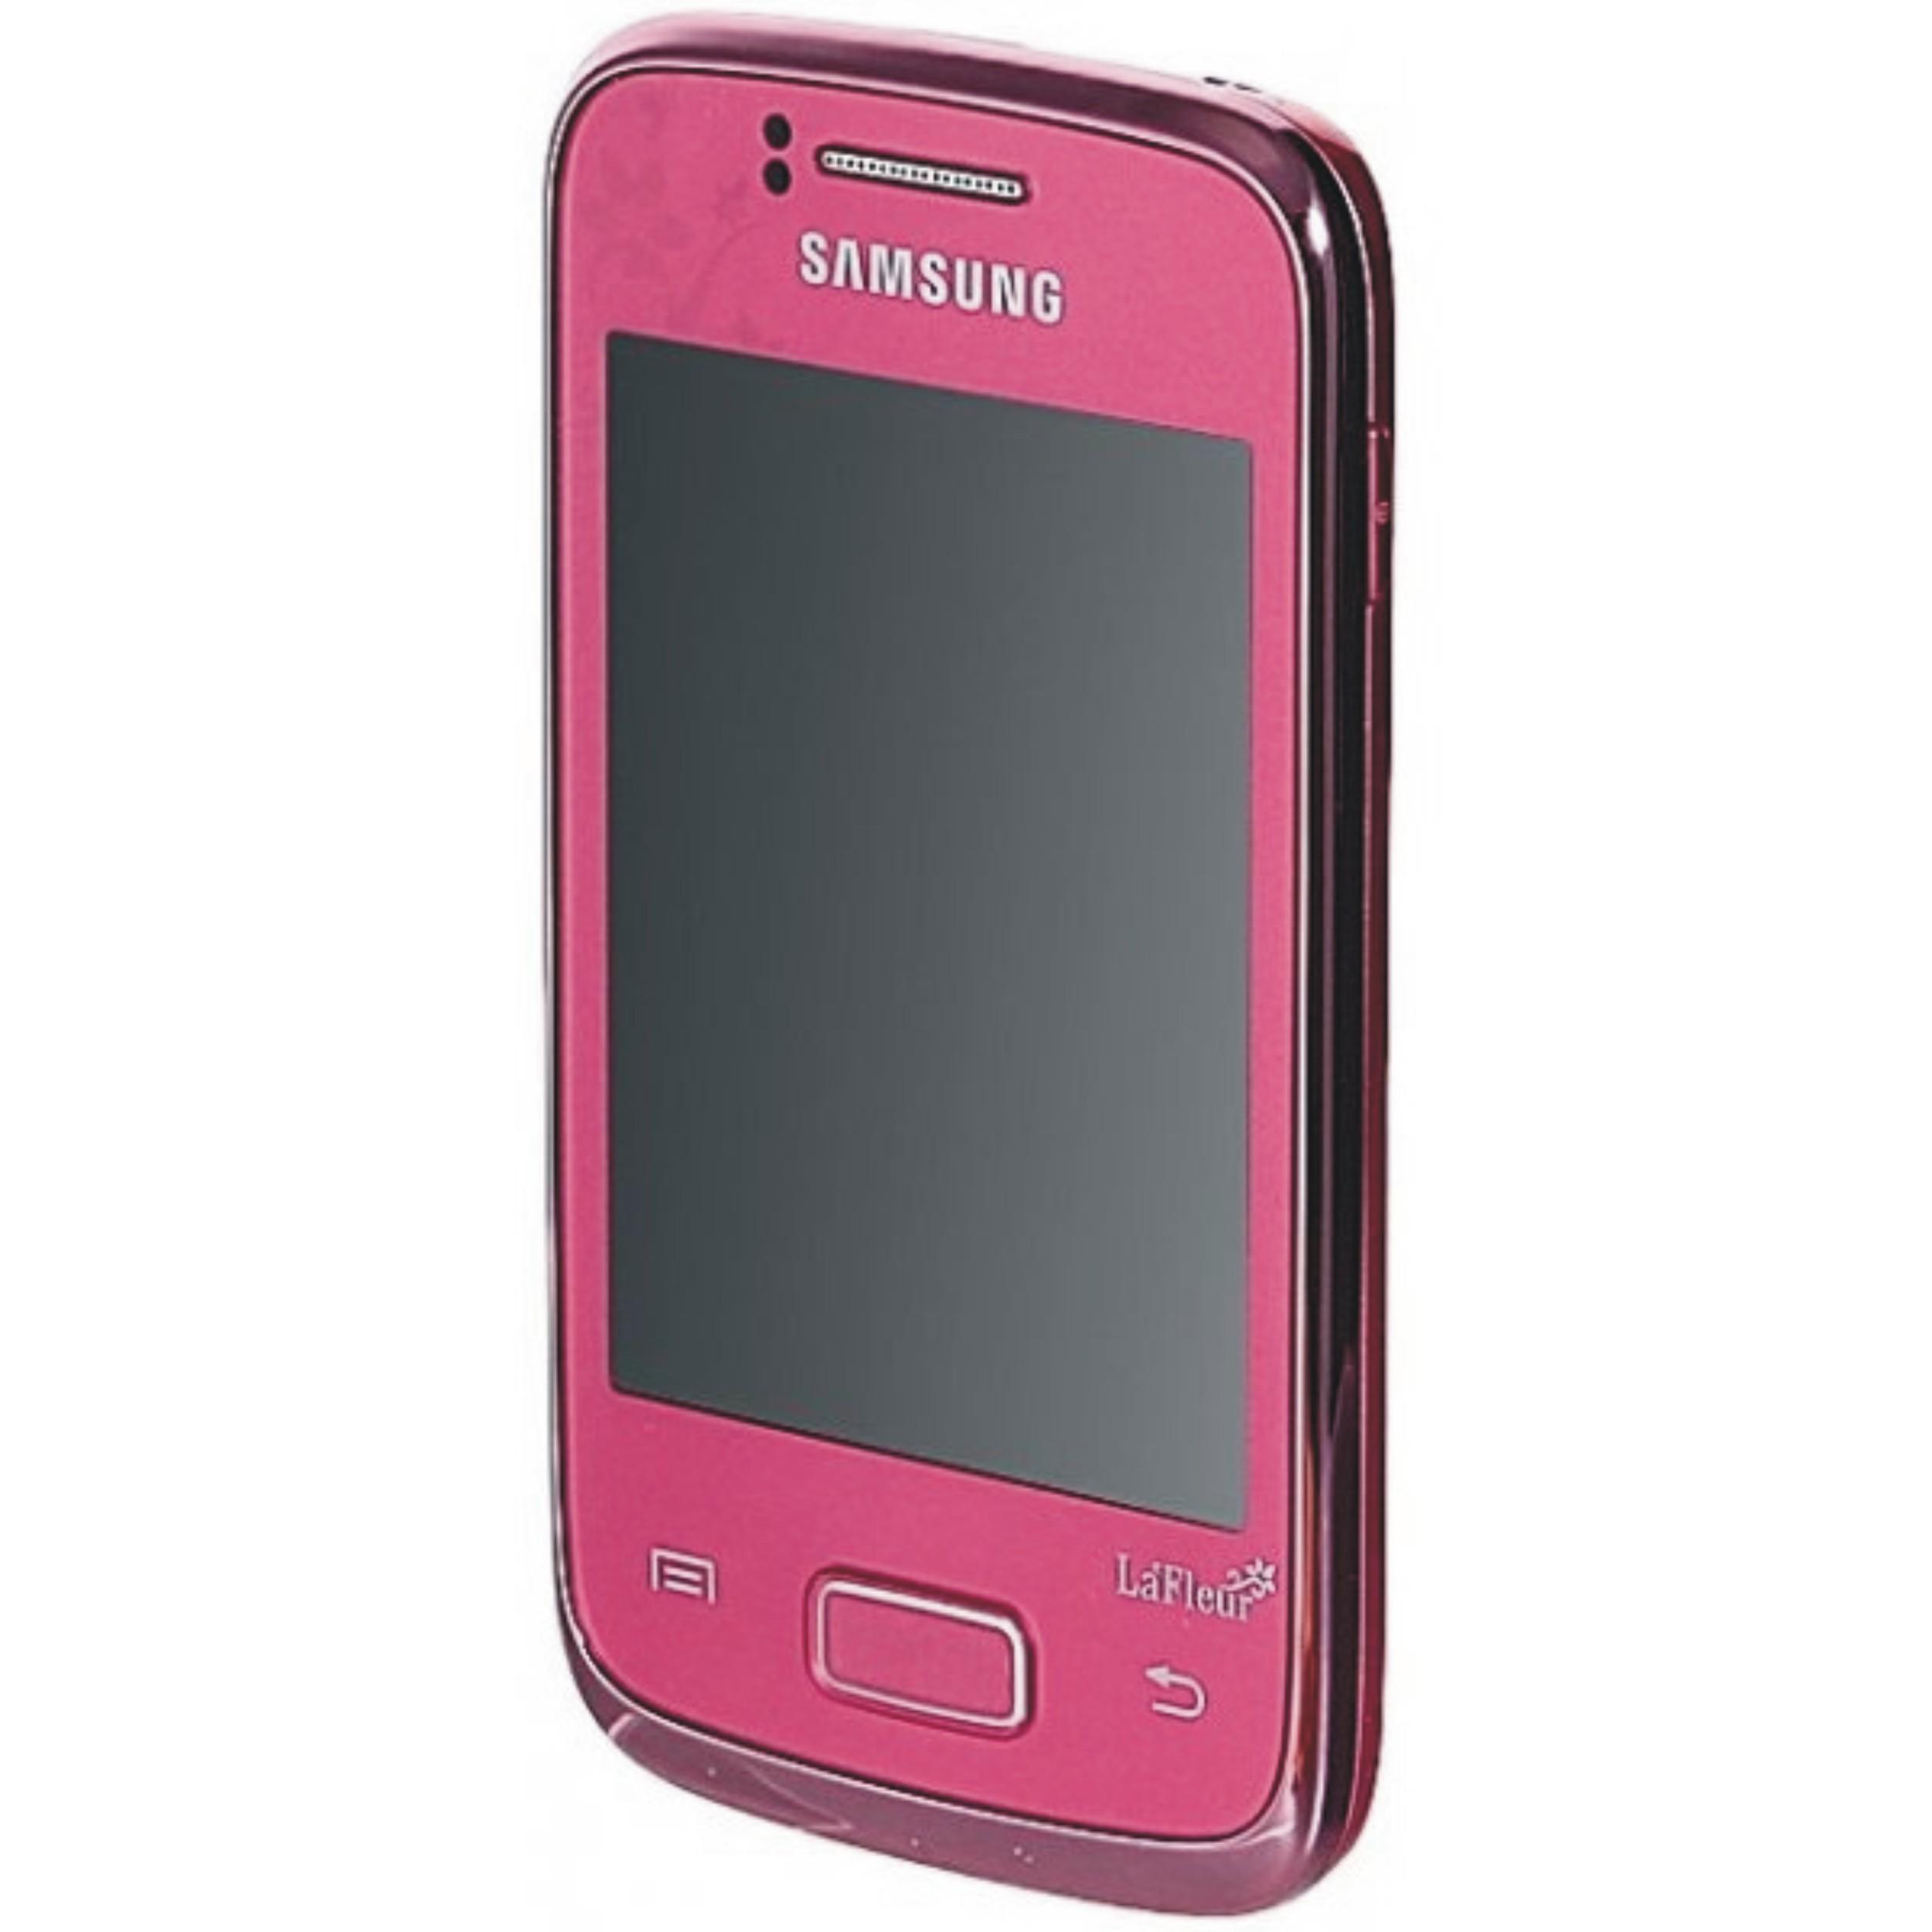 картинки розового телефона самсунга